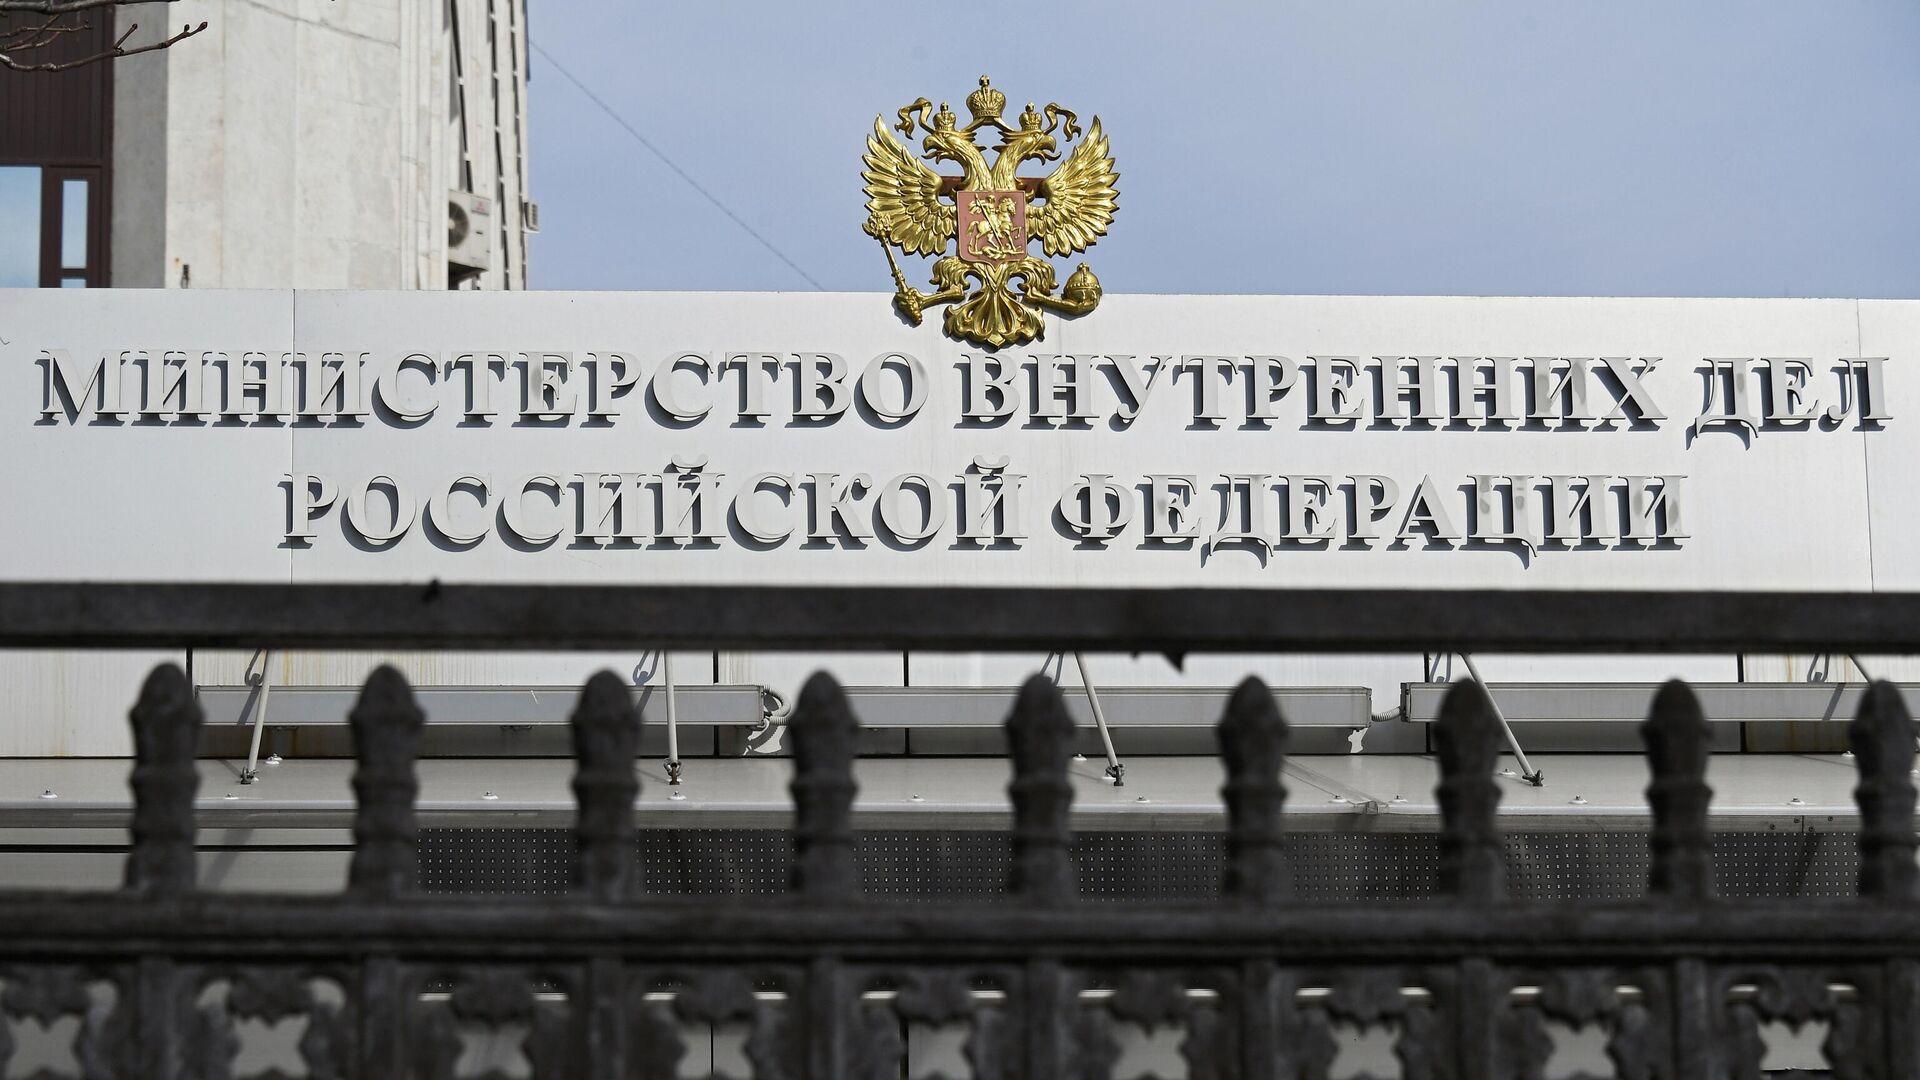 Здание Министерства внутренних дел Российской Федерации  - РИА Новости, 1920, 10.07.2021